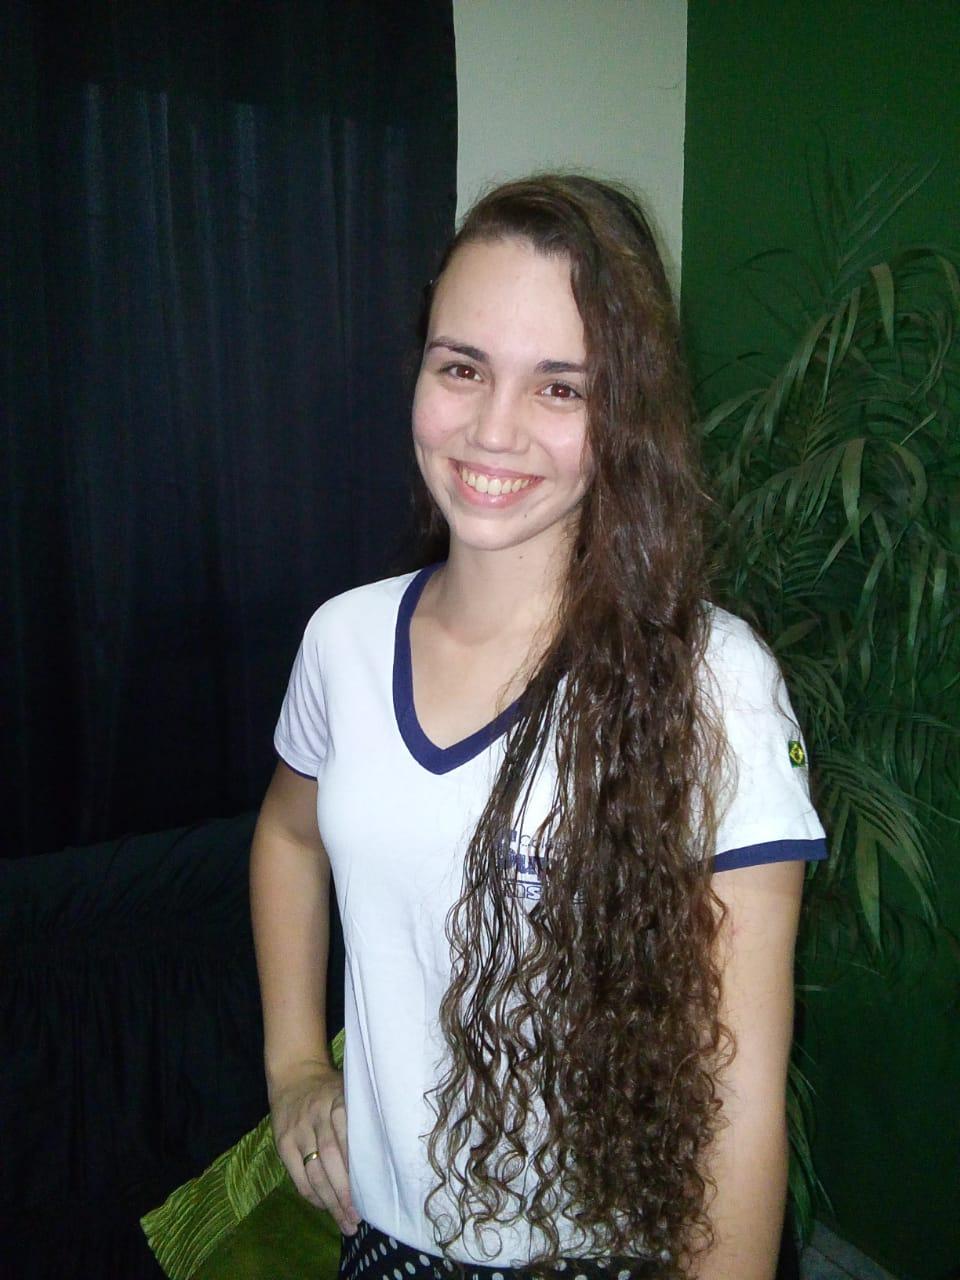 Tamara Cristine